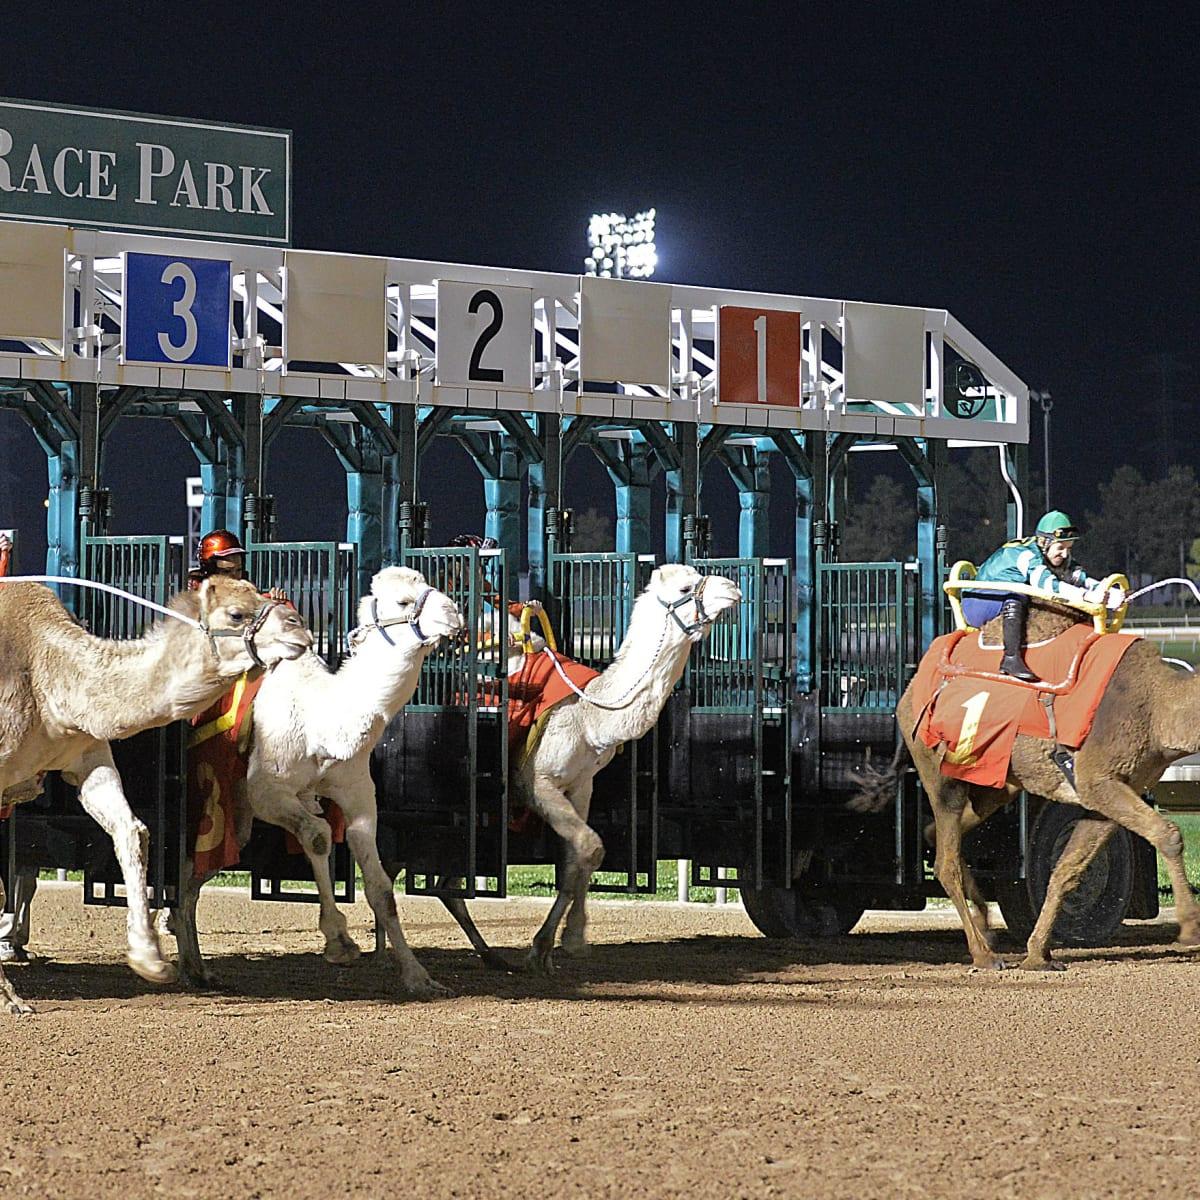 Hoffman camel races